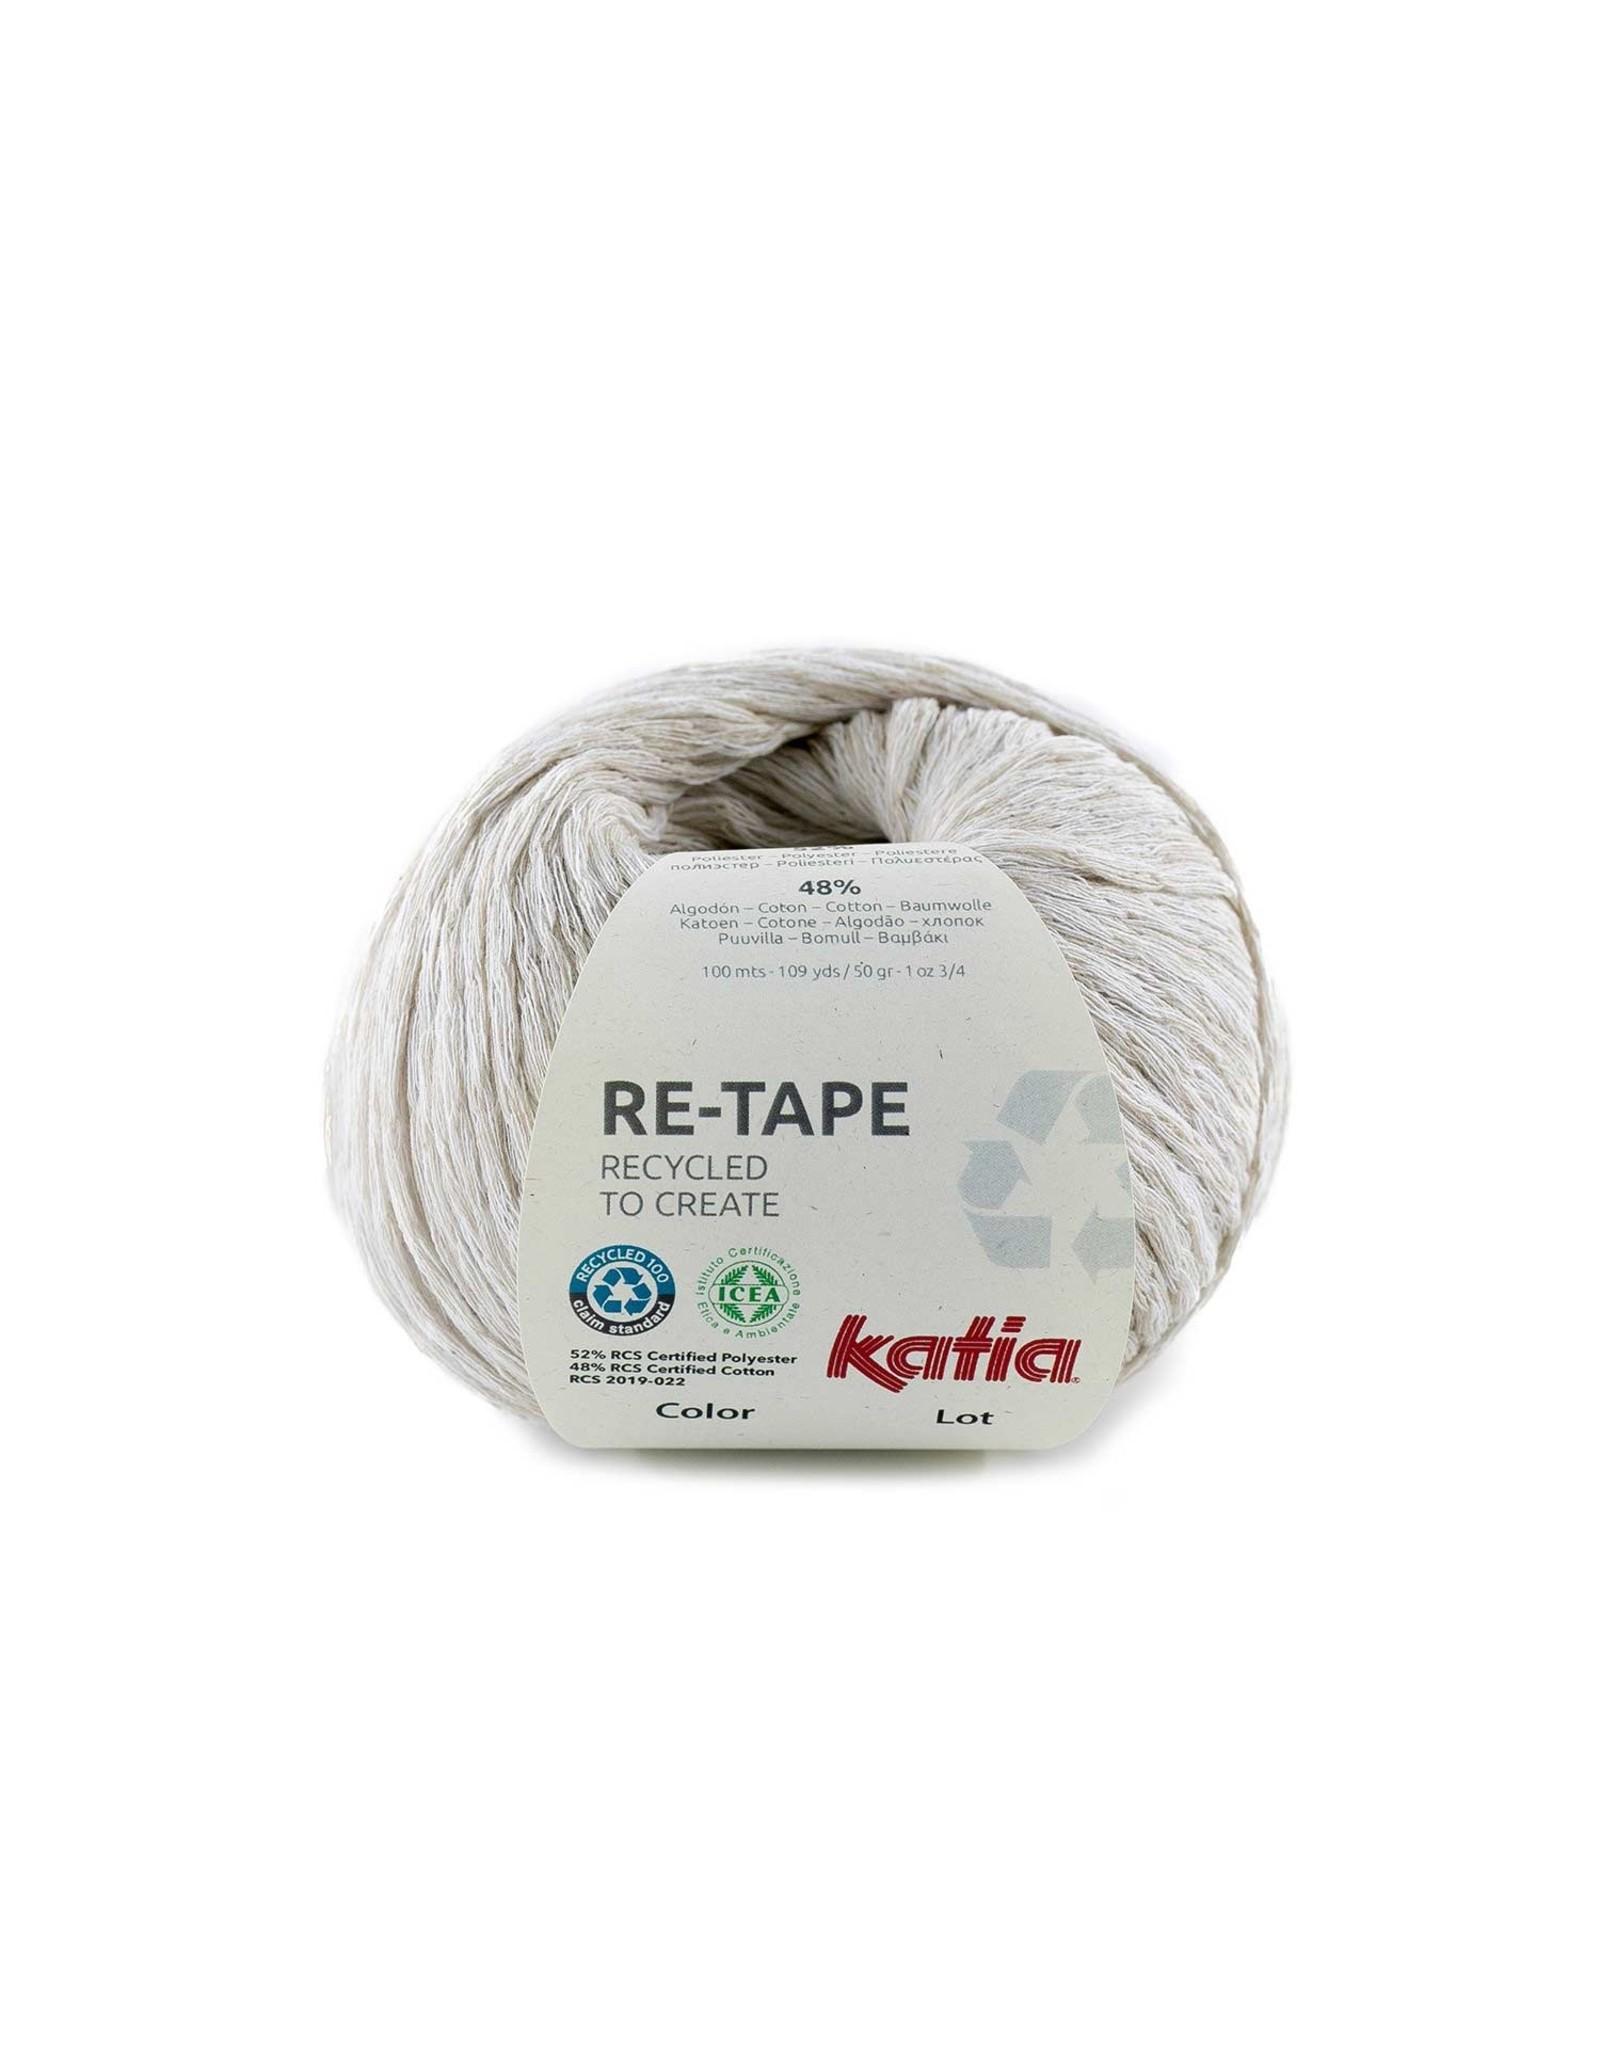 Katia XWol - re-tape